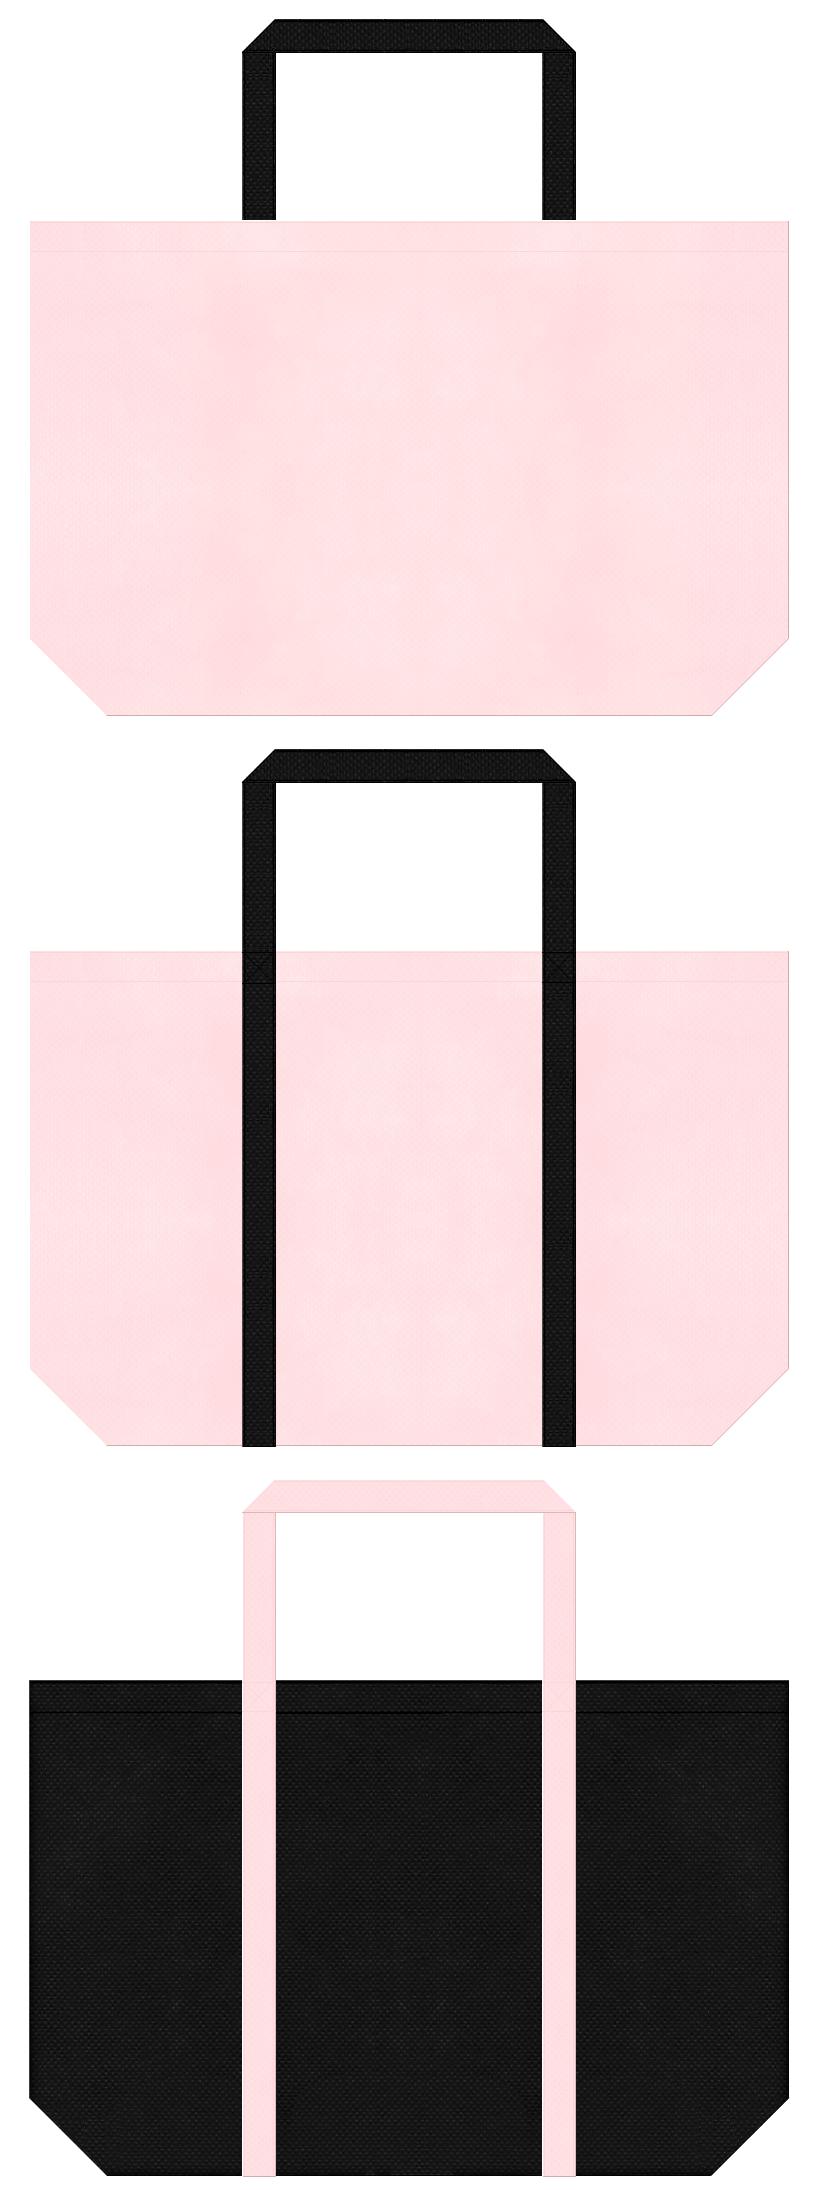 ゴスロリ・魔法使い・夜桜・花見・お城イベント・ガーリーデザイン・ユニフォーム・運動靴・アウトドアイベント・スポーツバッグにお奨めの不織布バッグデザイン:桜色と黒色のコーデ